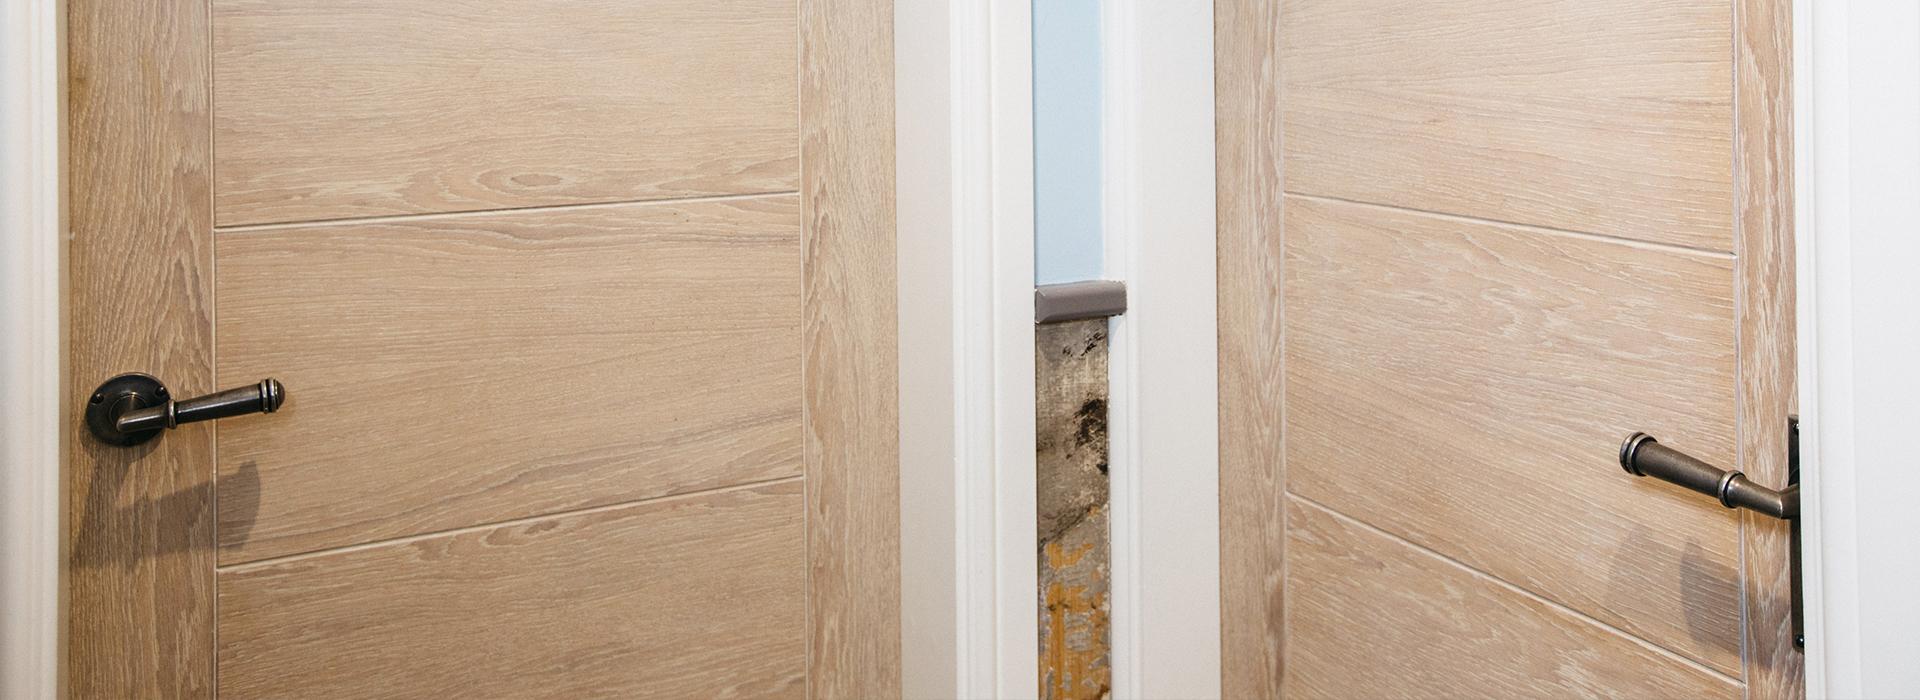 Doorsan Sancerre grooved doors